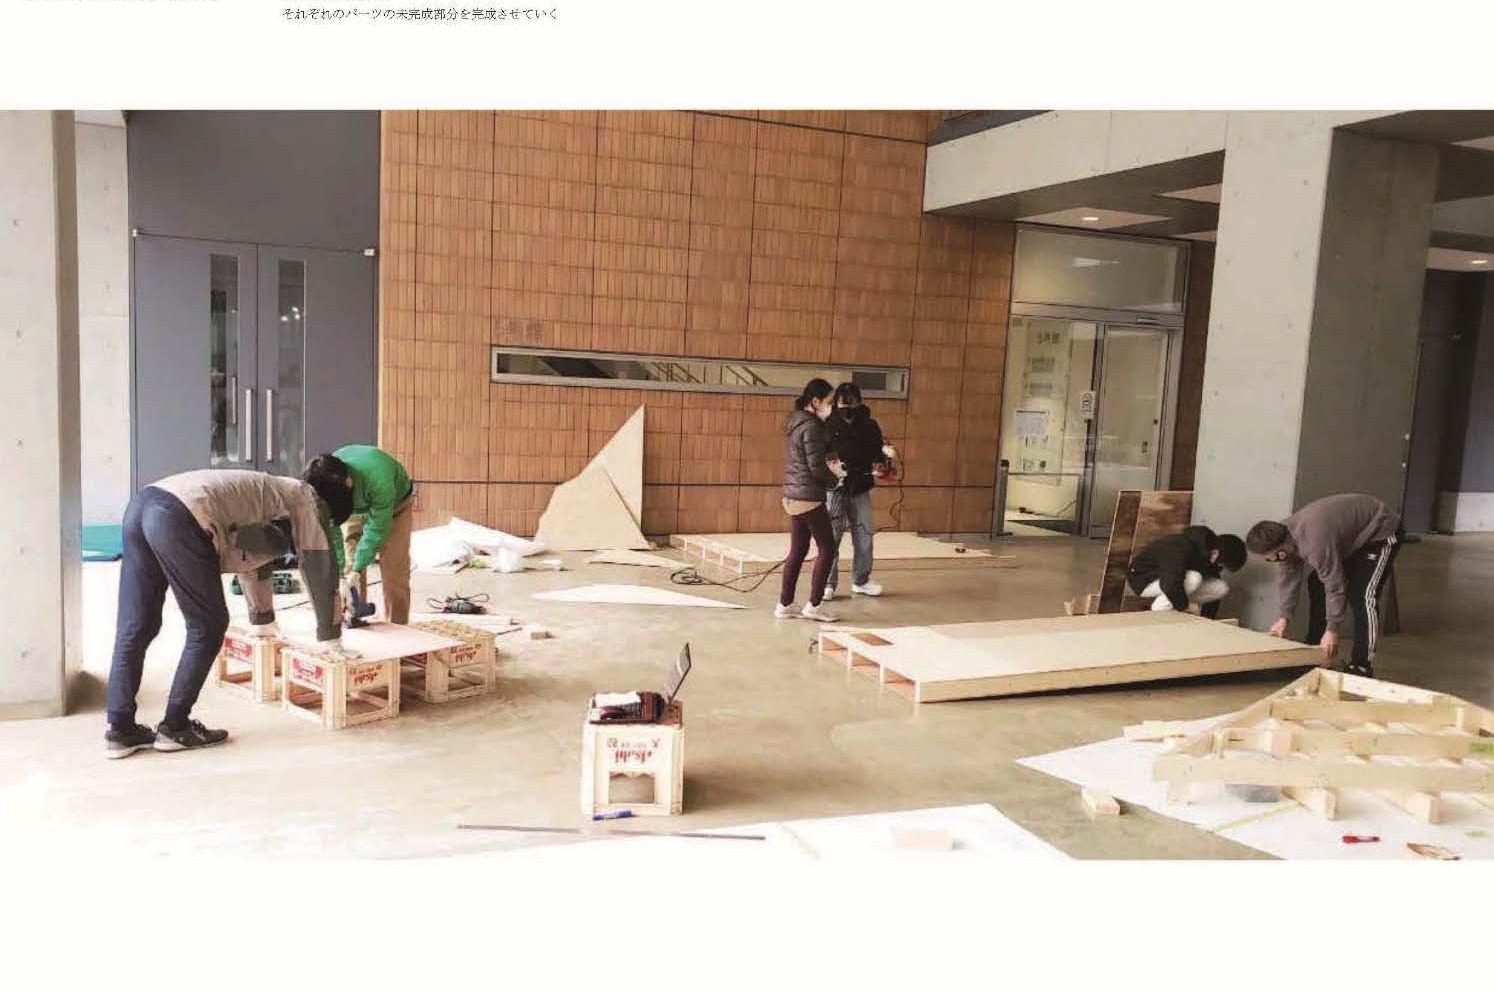 建築展WEB_ページ_27.jpg